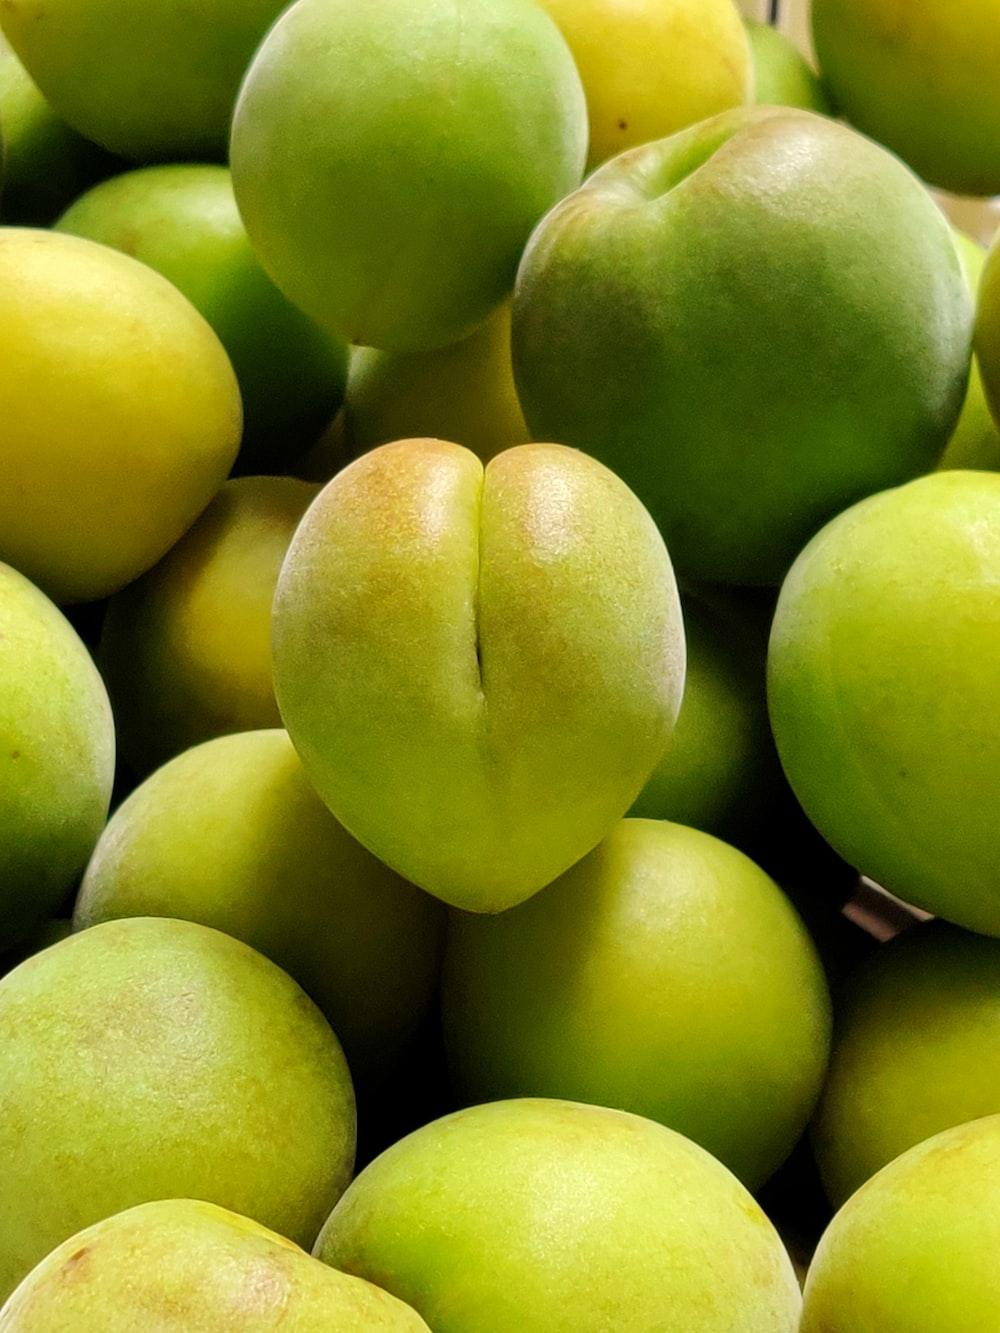 green apples on white ceramic plate